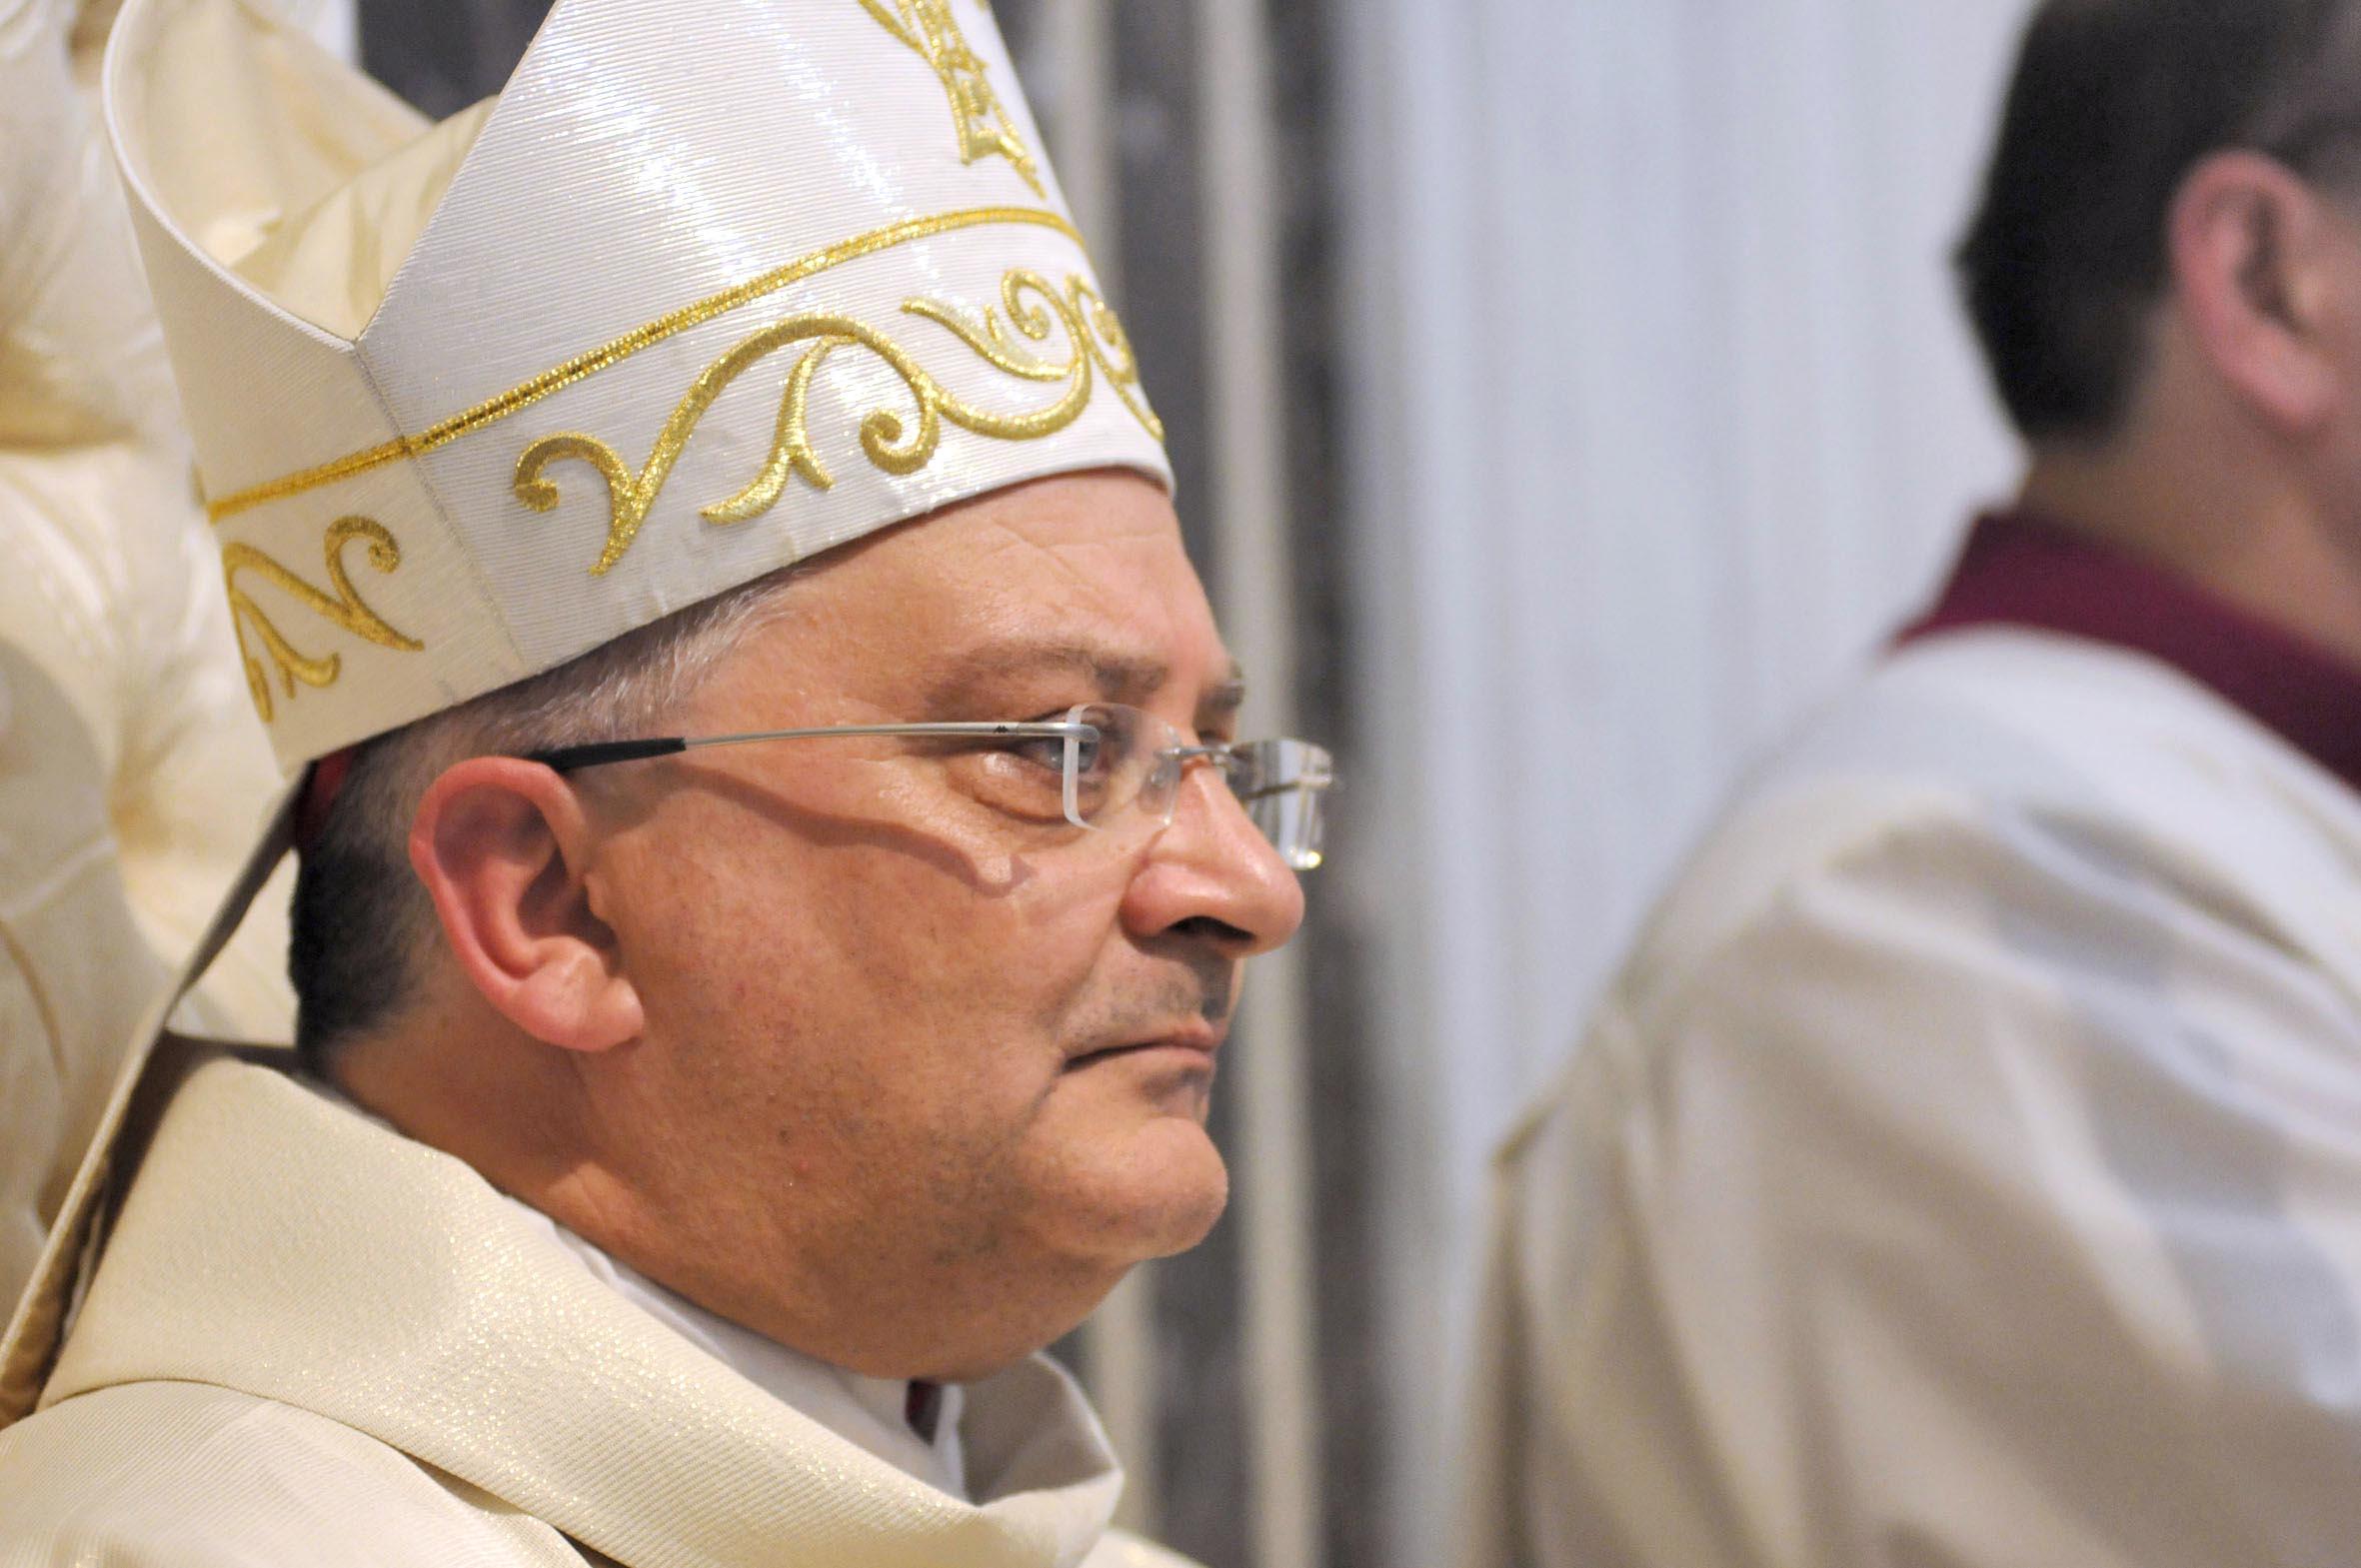 Tre giorni di grandissimo impegno per il Vescovo Monsignor Giuseppe Giudice di Nocera Inferiore che sarà occupato per l'intera comunità diocesana. - Mons-Giuseppe-Giudice